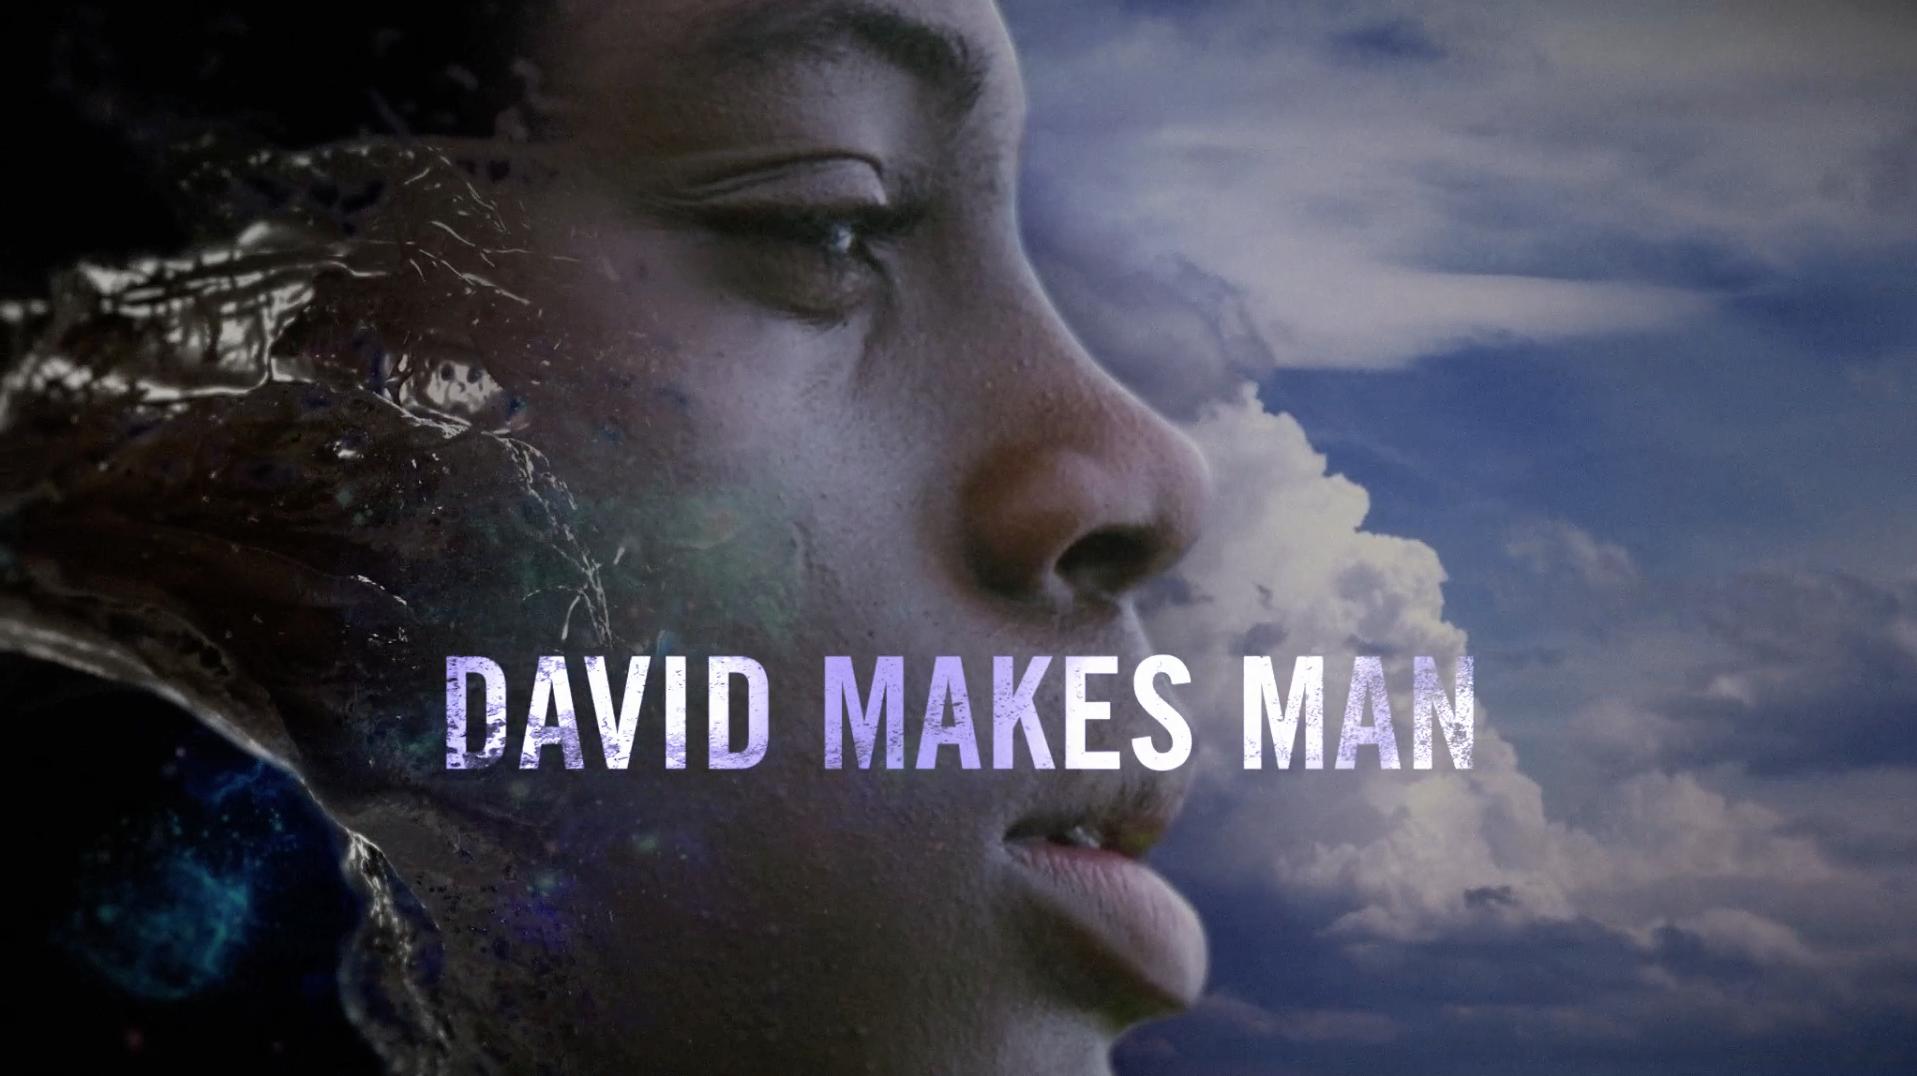 david makes man.png